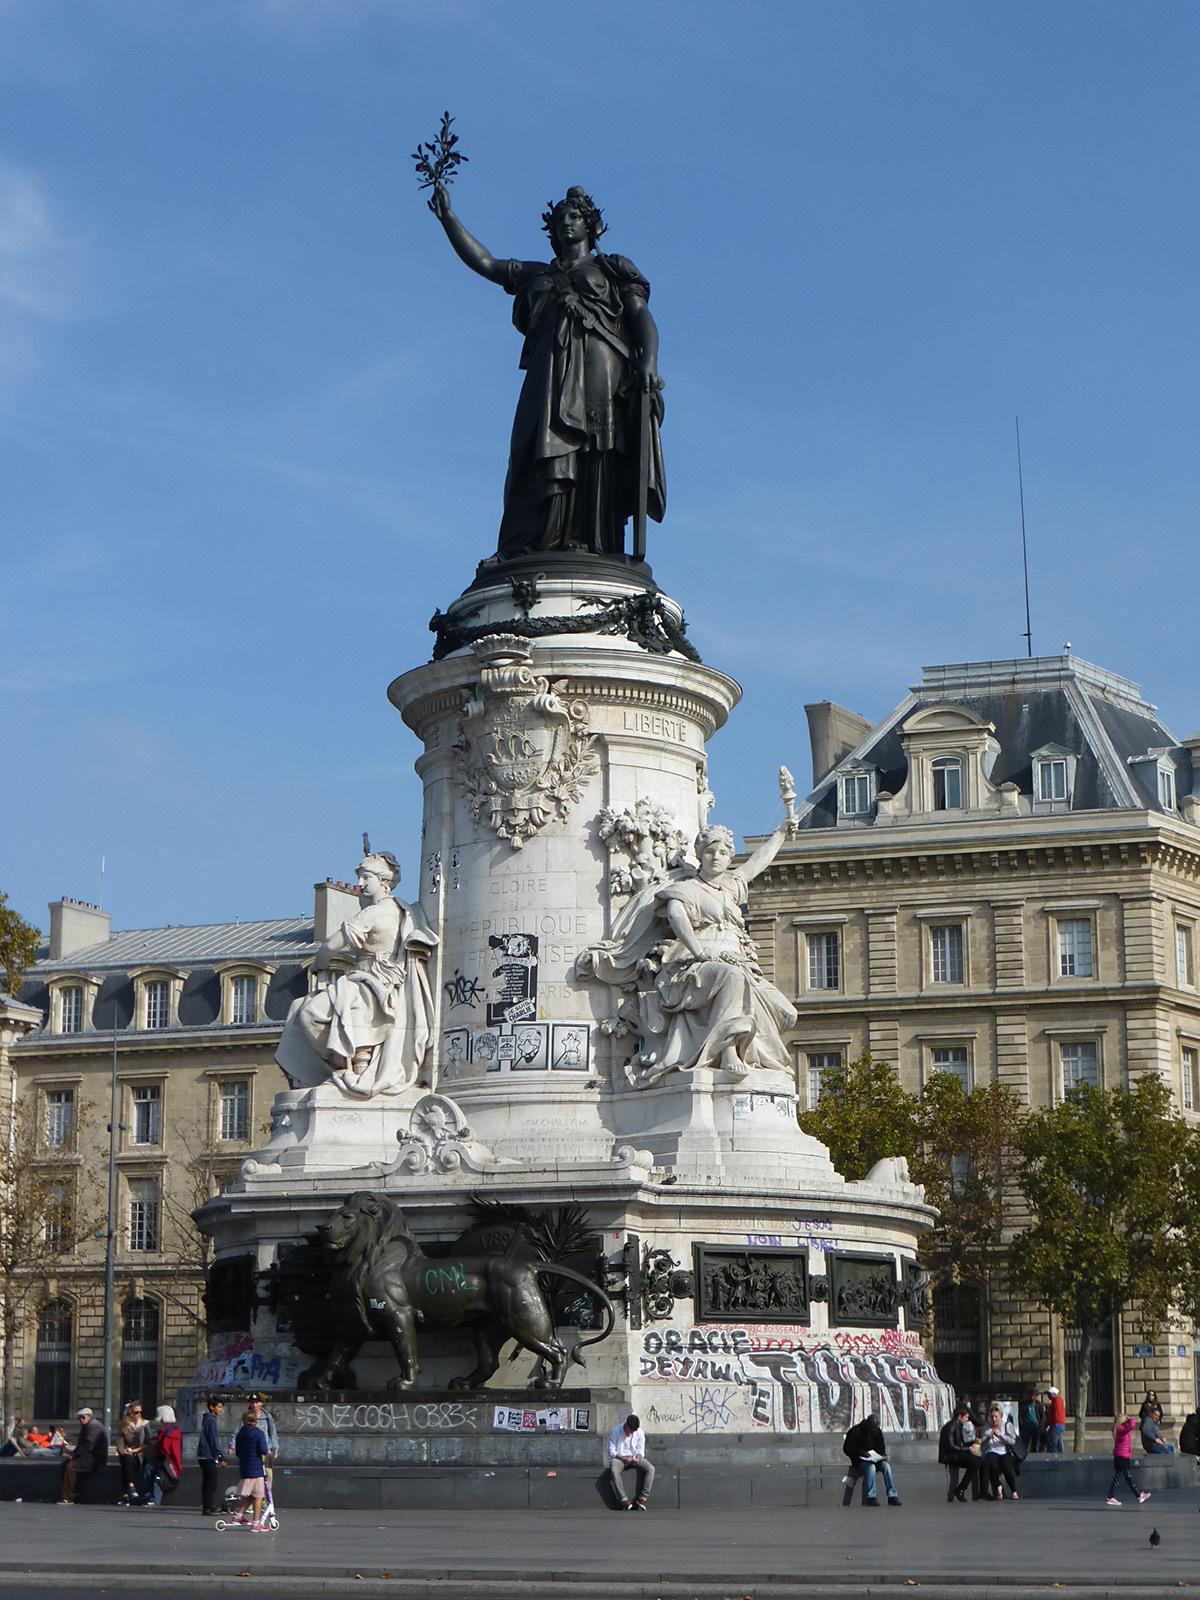 Monument à la République, Paris, France - Photo Vincent Laganier